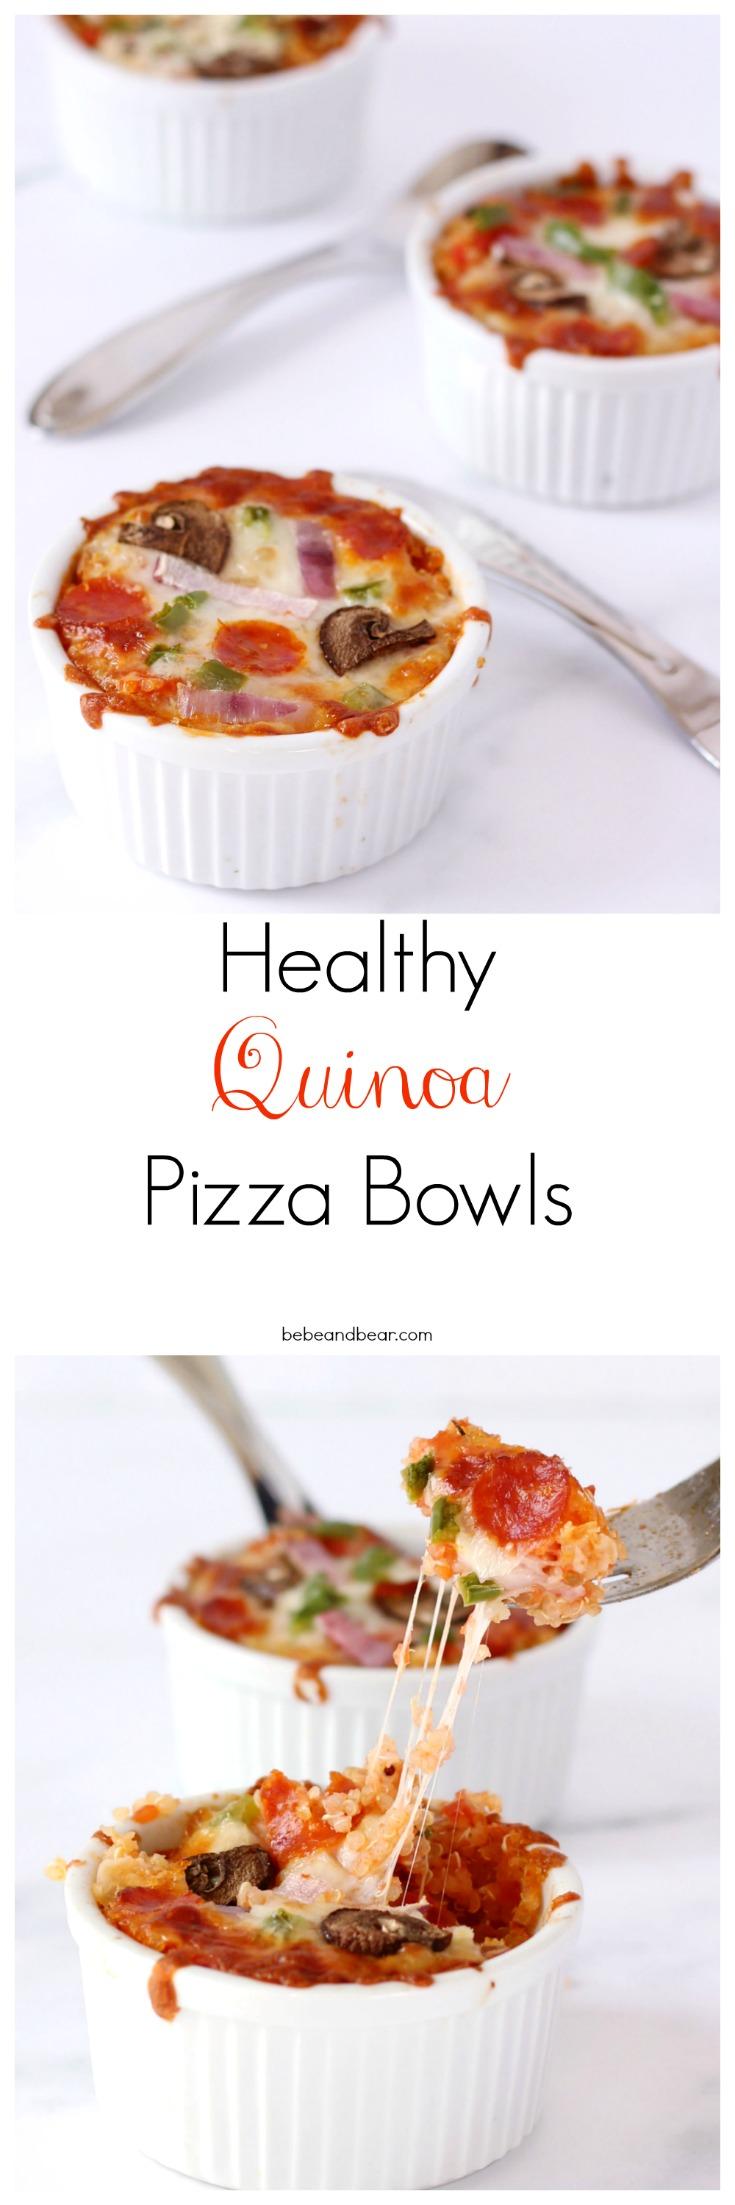 Healthy Alternative to pizza: Quinoa Pizza Bowls. Gluten-free.